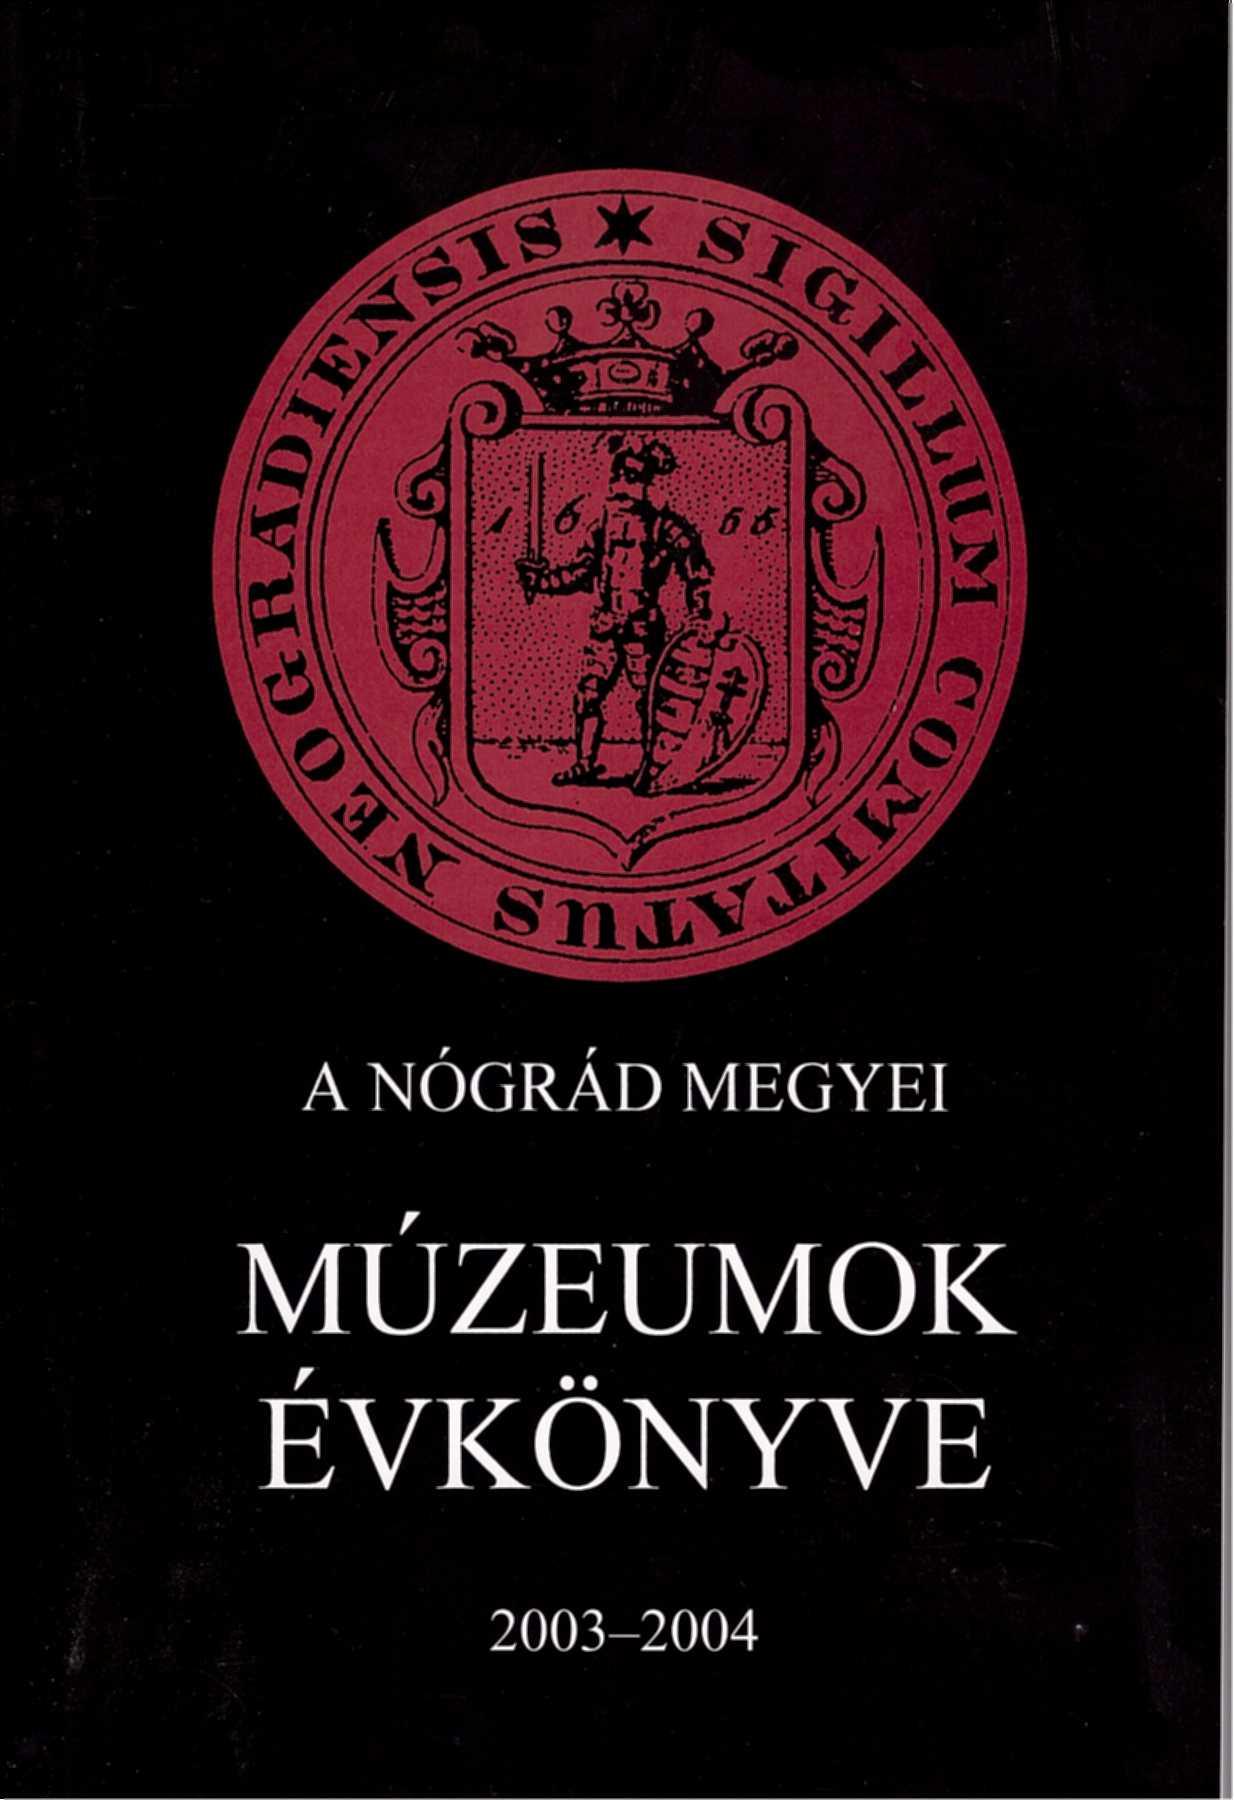 <b>A Nógrád Megyei Múzeumok Évkönyve XXVII-XXVIII.</b>